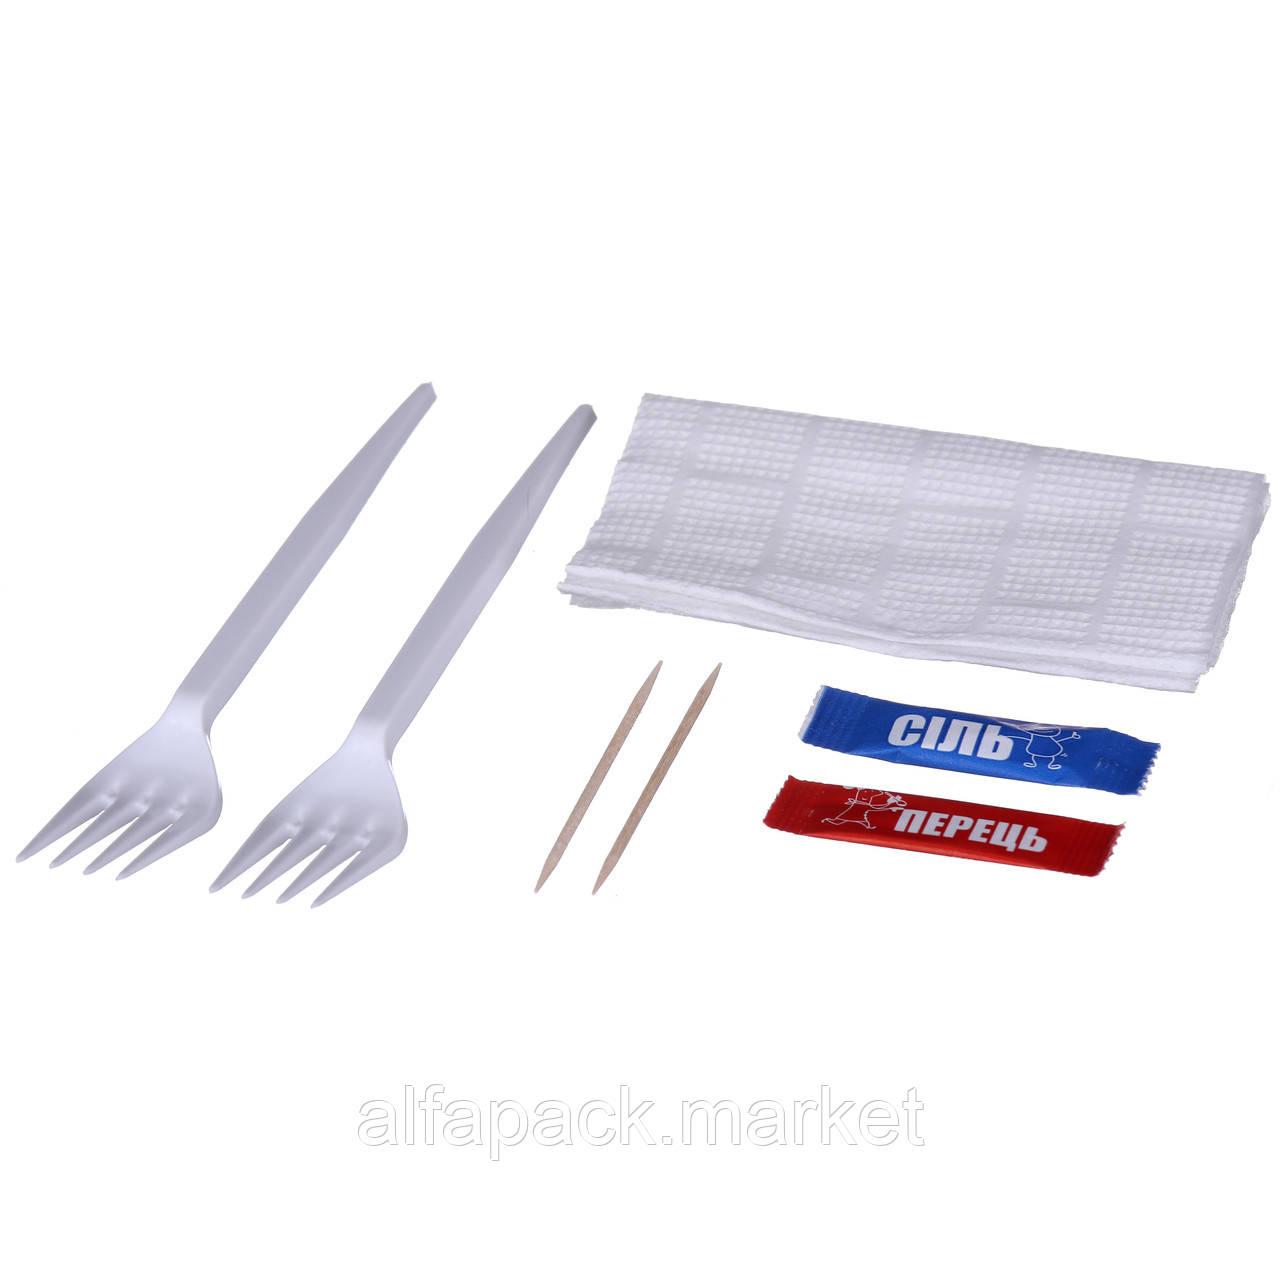 Набор одноразовой посуды Food  №21 8 предметов